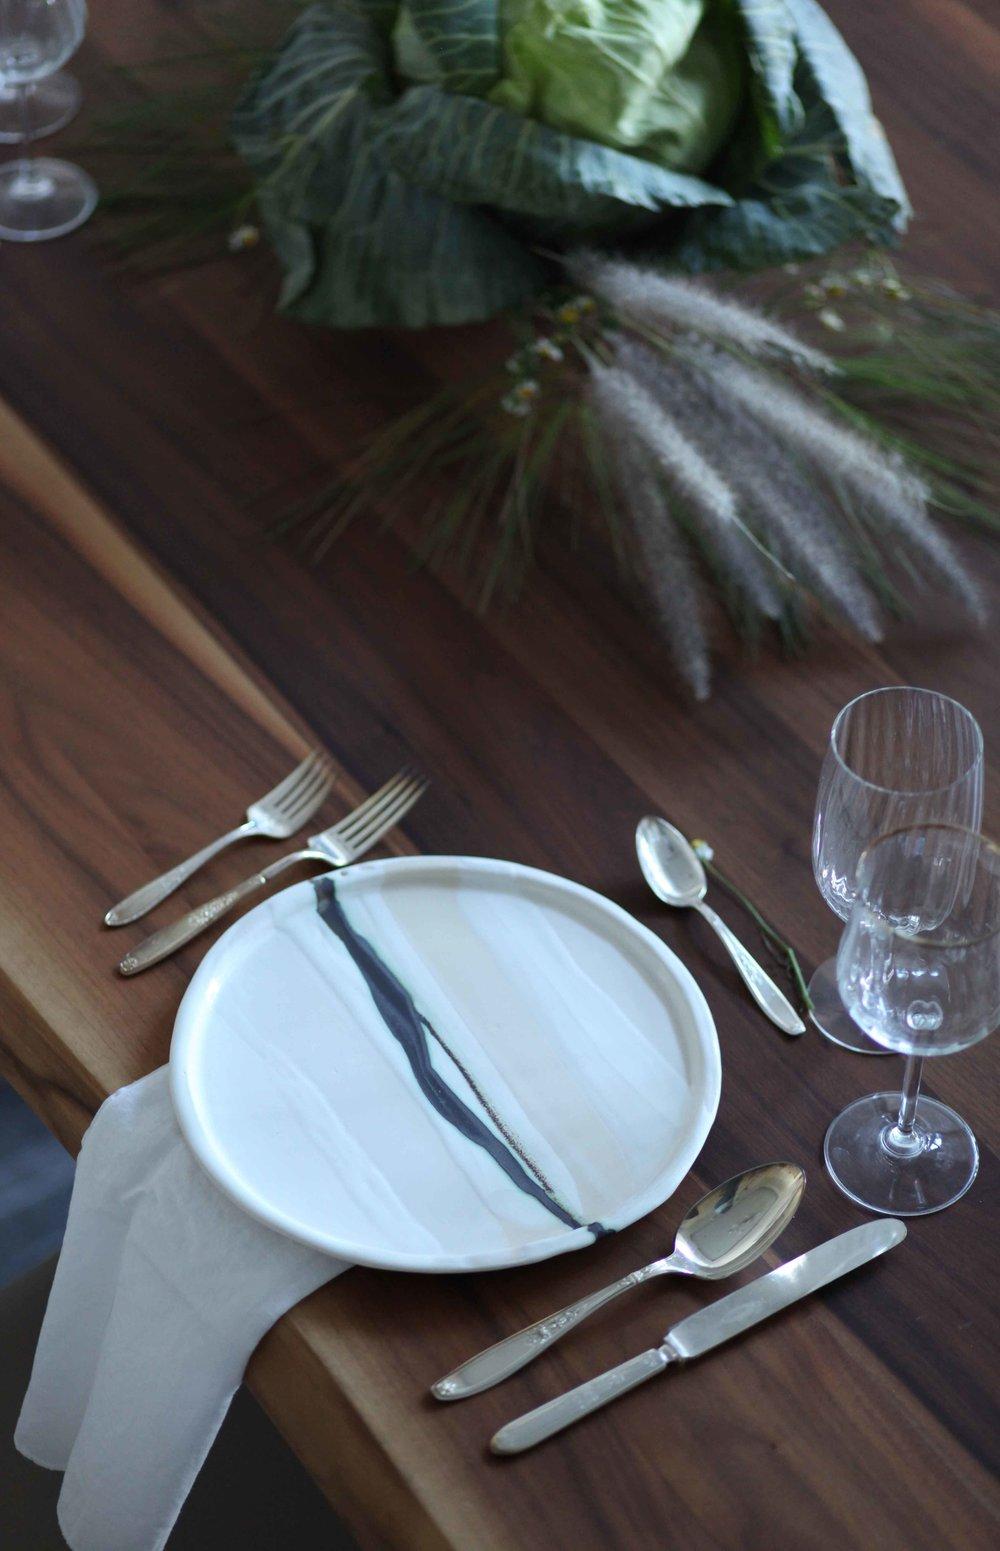 Vajilla CALIXTA - InviernoLínea en blanca - Compra aquíCónoce la historia de esta escena ... ¡bienvenido!